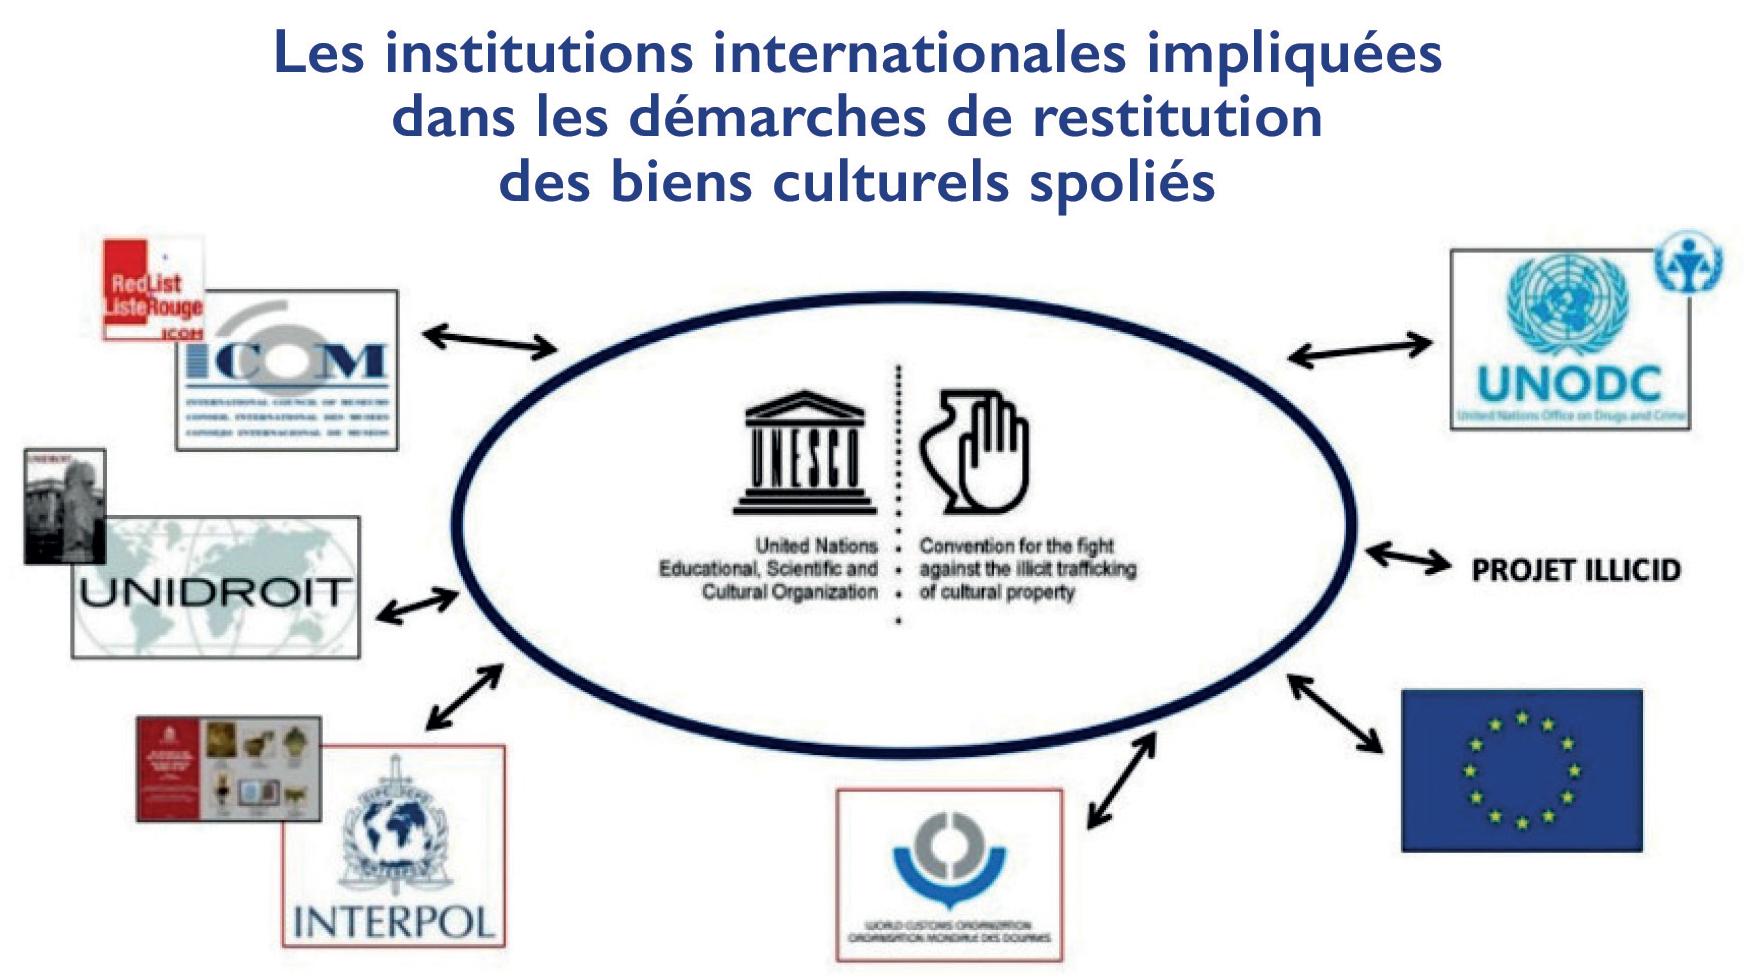 Patrimoine naturel et culturel : Gare aux prospections clandestines illégales !